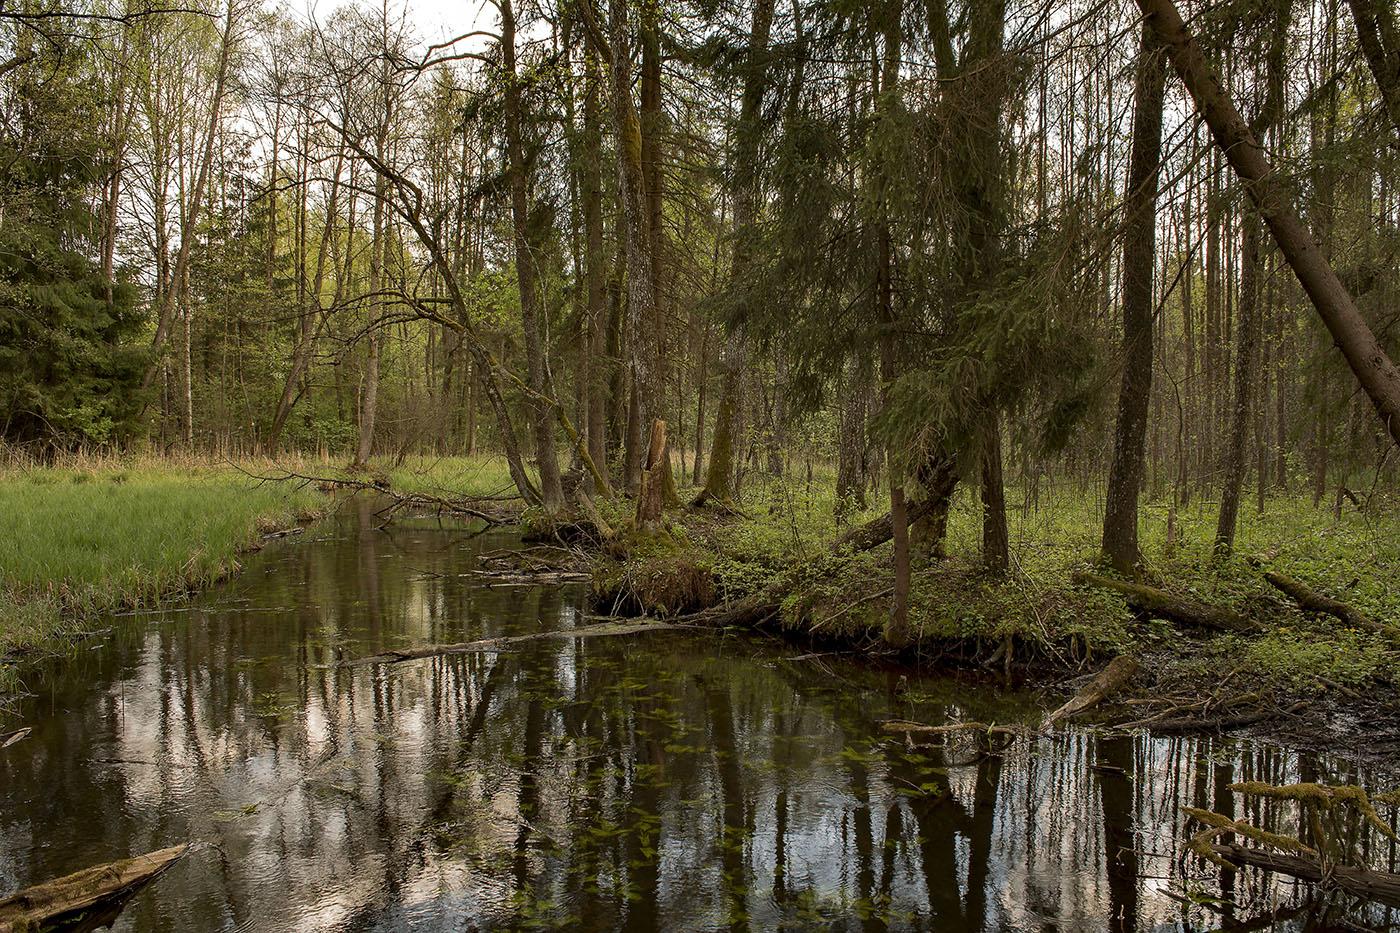 преимуществ фото лесное болото зря его